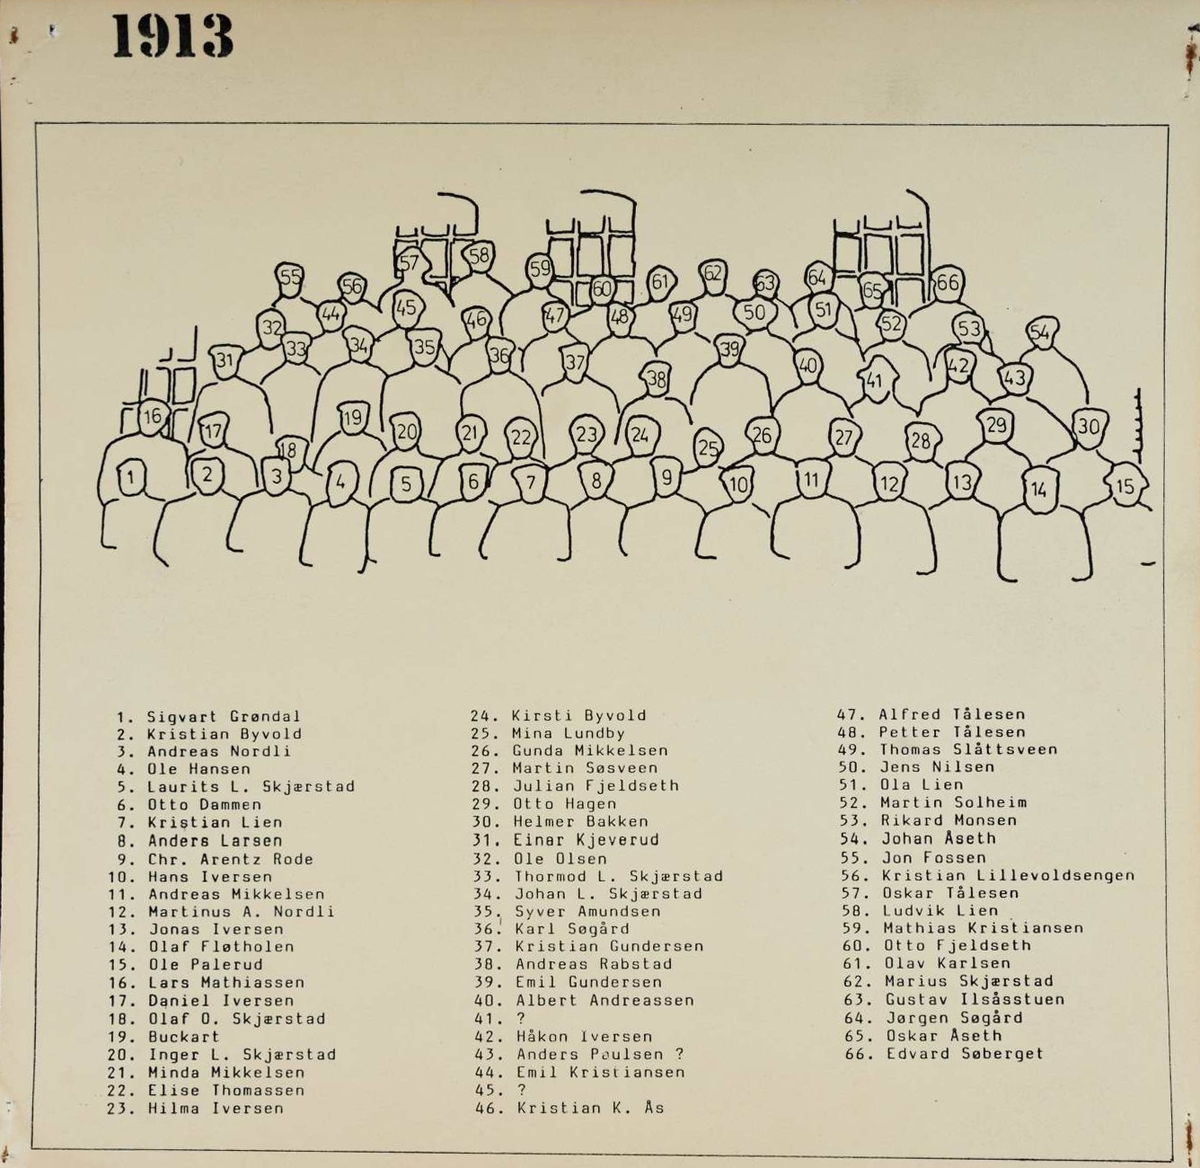 GR: 66, ARBEIDERE, KLEVFOS PAPIRFABRIKK, KLEVFOS CELLULOSE &PAPIRFABRIK A/S, ÅDALSBRUKSe Lautin 1978 side 155 for navn: side154. 1. REKKE F. V. SIGVART GRØNDAL, KRISTIAN BYVOLD, ANDREAS NORDLI, OLE HANSEN, LAURITS L. SKJÆRSTAD, OTTO DAMMEN, KRISTIAN LIEN, ANDERS LARSEN, CHR. ARENTZ RODE, HANS IVERSEN, ANDREAS MIKKELSEN, MARTINIUS A. NORDLI, JONAS IVERSEN, OLAF FLØTHOLEN, OLE PALERUD. 2. REKKE F. V. LARS MATHIASSEN, DANIEL IVERSEN, OLAF O. SKJÆRSTAD, BUCKART, INGER M. SKJÆRSTAD, MINDA MIKKELSEN, ELISE THOMASSEN, HILMA IVERSEN, KIRSTI BYVOLD, MINA LUNDBY, GUNDA MIKKELSEN, MARTIN SØSVEEN, JULIAN FJELDSETH, OTTO HAGEN, HELMER BAKKEN, EINAR KJEVERUD. 3. REKKE F. V. EINAR KJEVERUD, OLE OLSEN, THORMOD L. SKJÆRSTAD, JOHAN L. SKJÆRSTAD, SYVER AMUNDSEN, KARL SØGÅRD, KRISTIAN GUNDERSEN, ANDREAS RABSTAD, EMIL GUNDERSEN, ALBERT ANDREASSEN, UKJENT, HÅKON IVERSEN, ANDREAS PAULSEN?, 4. REKKE F. V. EMIL KRISTIANSEN, UKJENT, KRISTIAN K. ÅS, ALFRED TÅLESEN, PETTER TÅLESEN, THOMAS SLAATSVEEN, JENS NILSEN, OLA LIEN, MARTIN SOLHEIM, RIKARD MONSEN, JOHAN ÅSETH. 5. REKKE F. V. JON FOSSEN, KRISTIAN LILLEVOLDSENGEN, OSKAR TÅLESEN, LUDVIK LIEN, MATHIAS KRISTIANSEN, OTTO FJELDSETH, OLAV KARLSEN, MARIUS SKJÆRSTAD, GUSTAV ILSÅSSTUEN, JØRGEN SØGÅRD, OSKAR ÅSETH, EDVARD SØBERGET Løten.